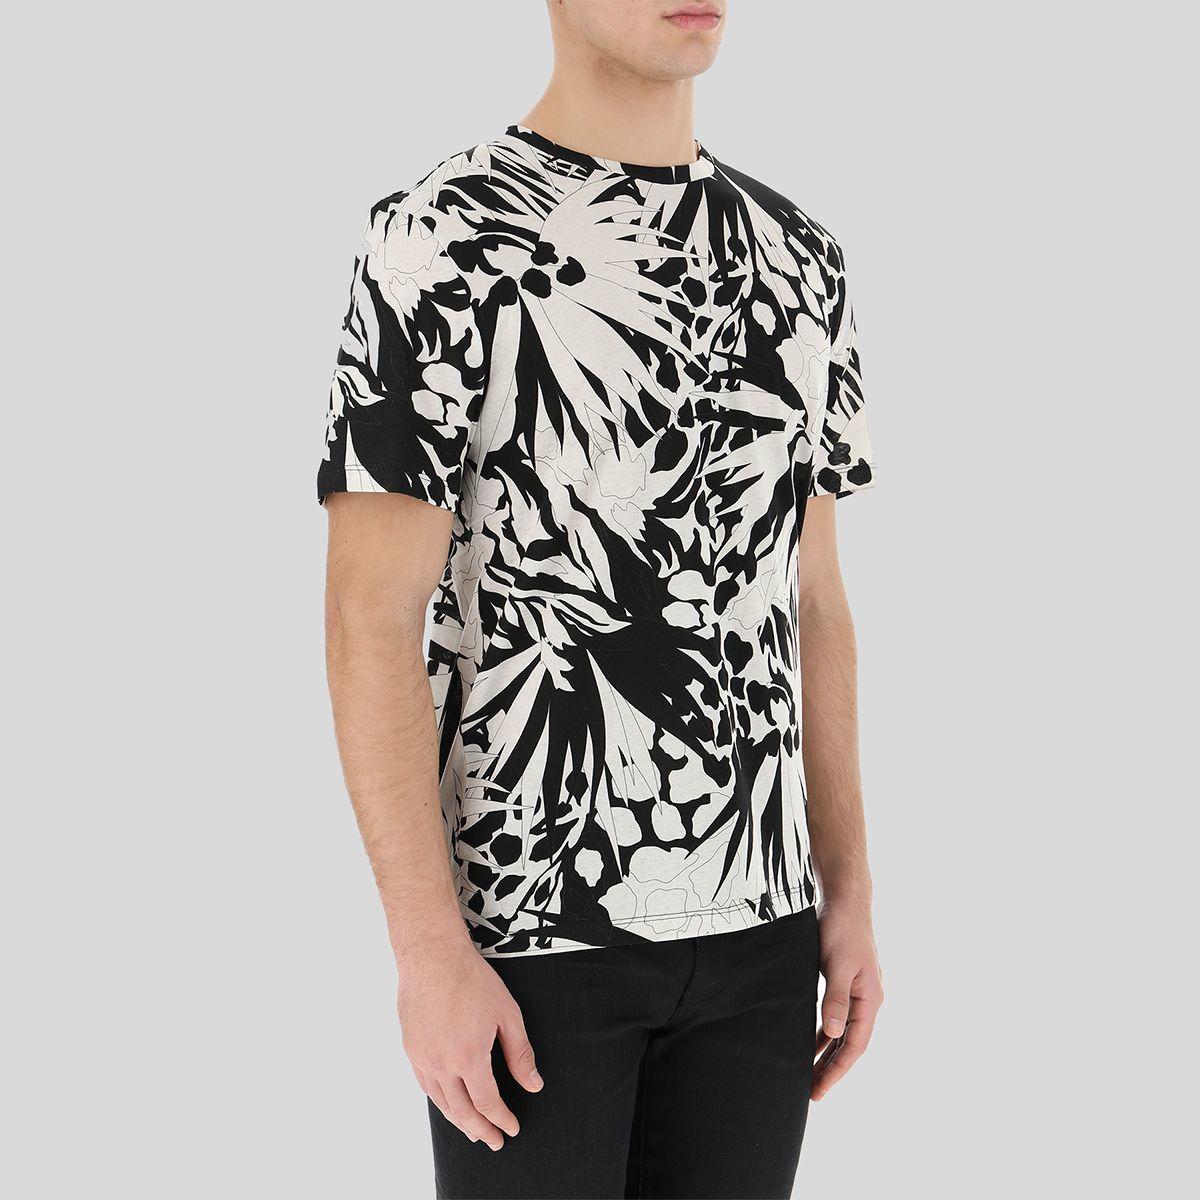 SAINT LAURENT サンローラン ジャングルフラワーTシャツ Jungle Flower T-Shirt